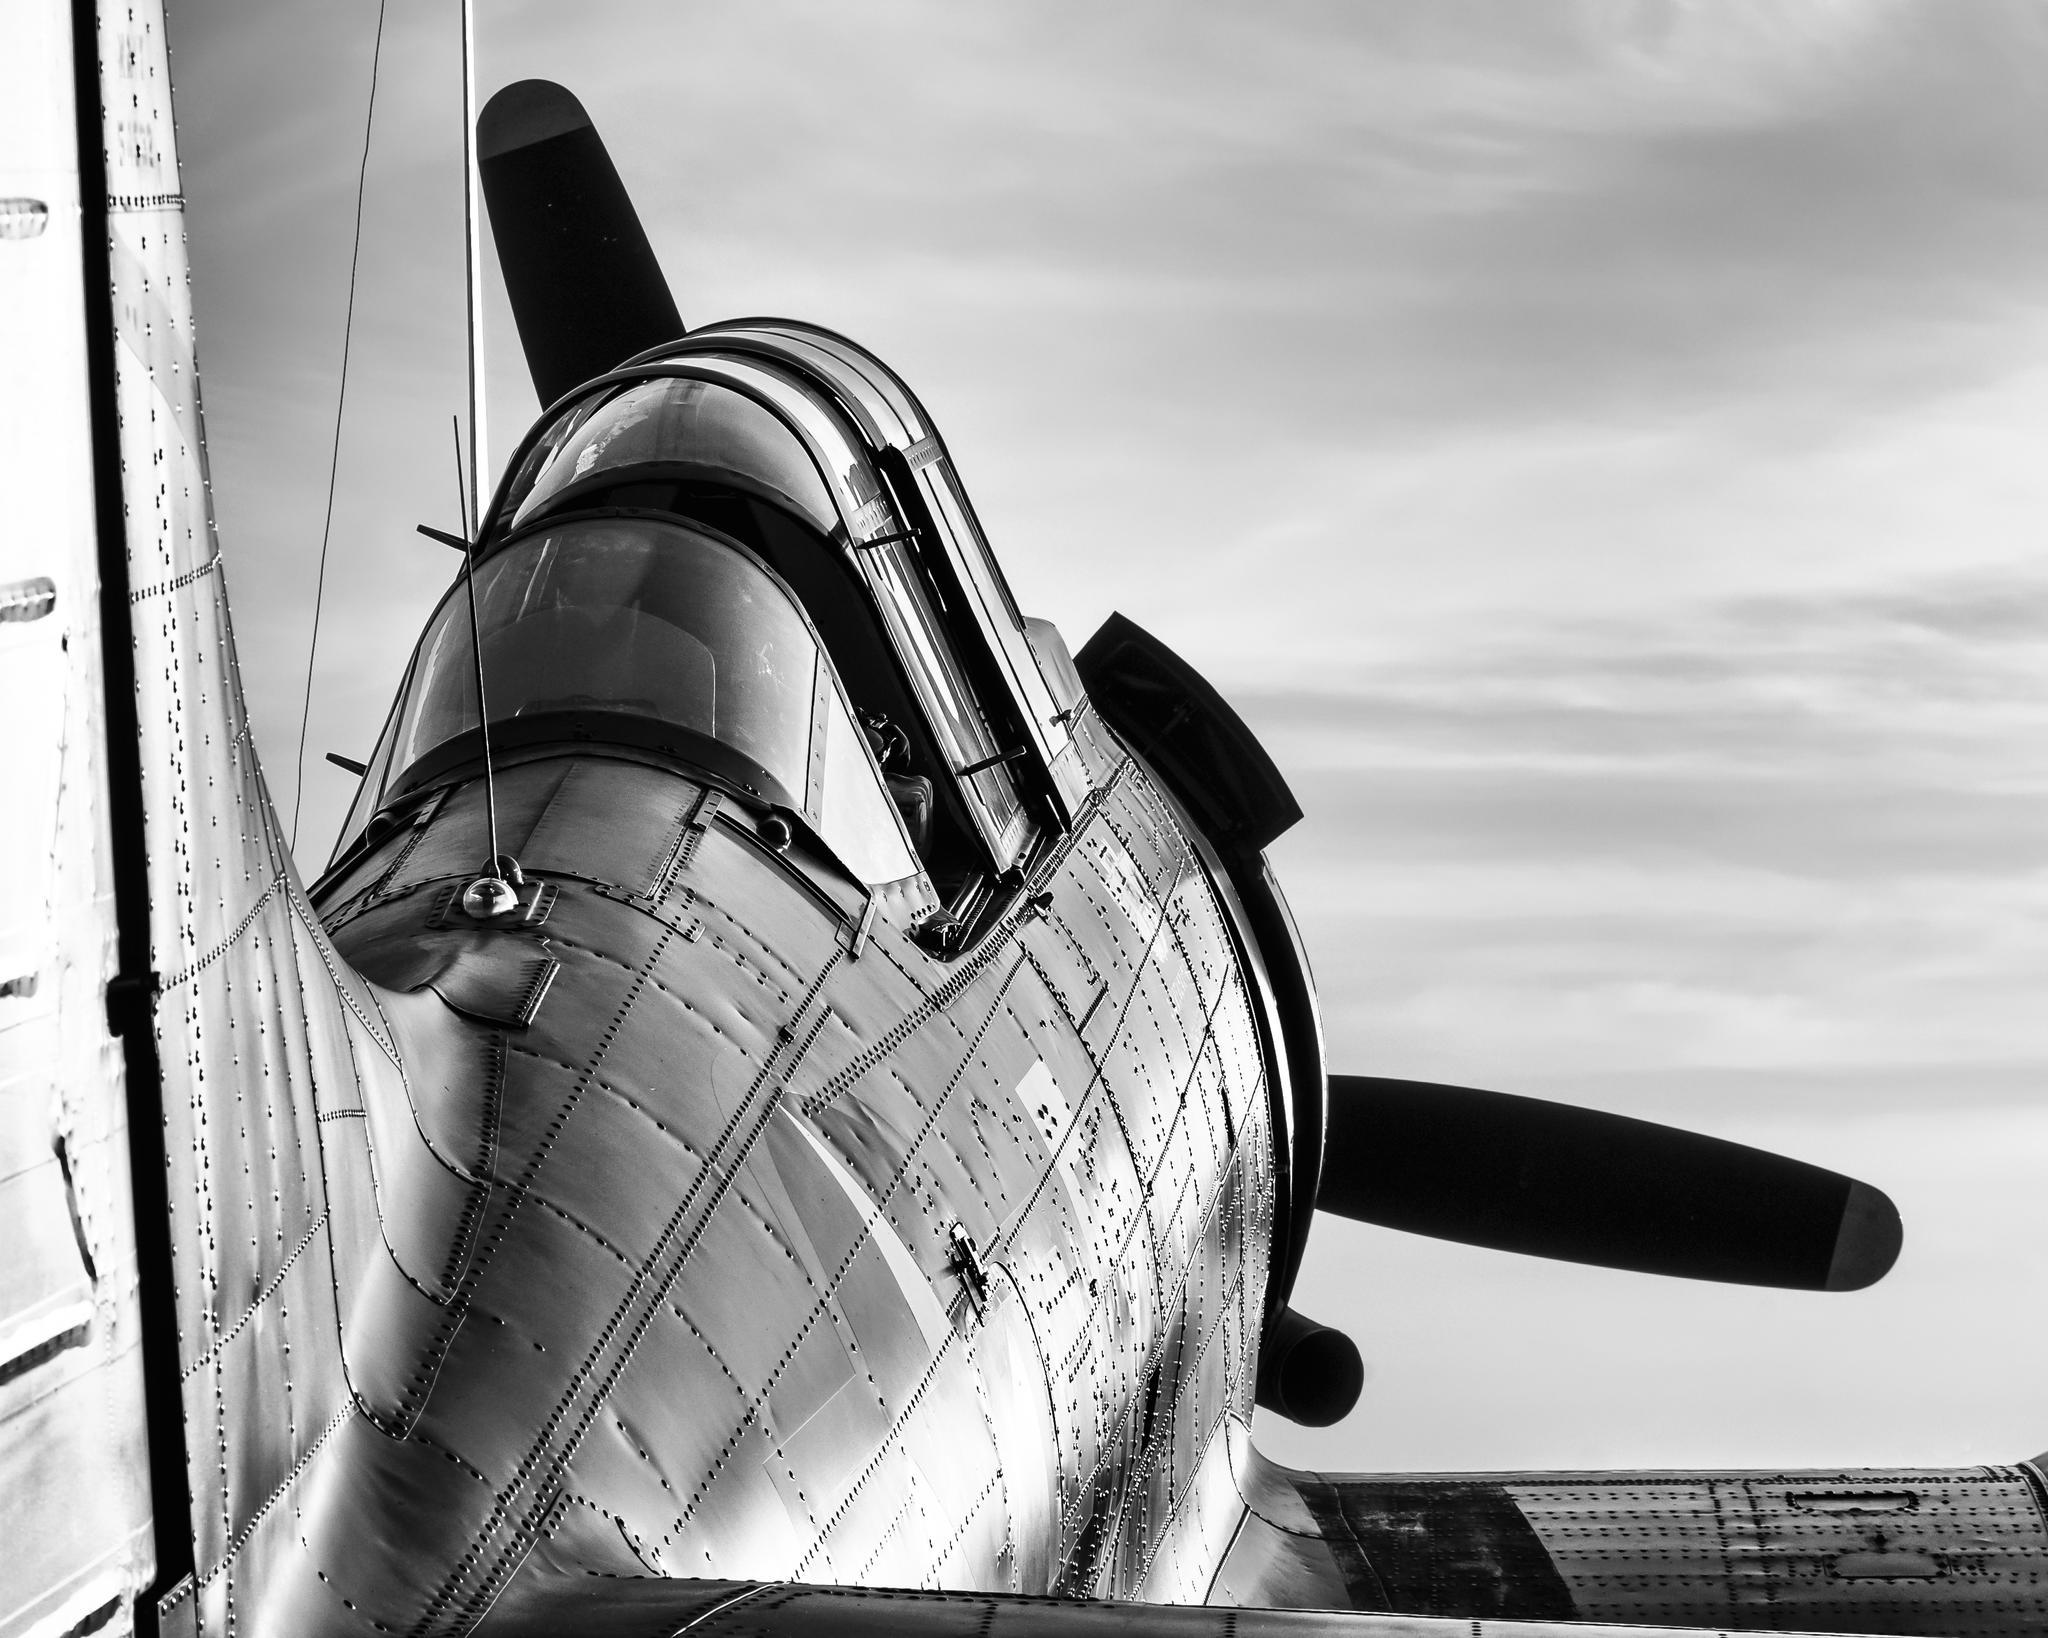 老式螺旋桨飞机的风采